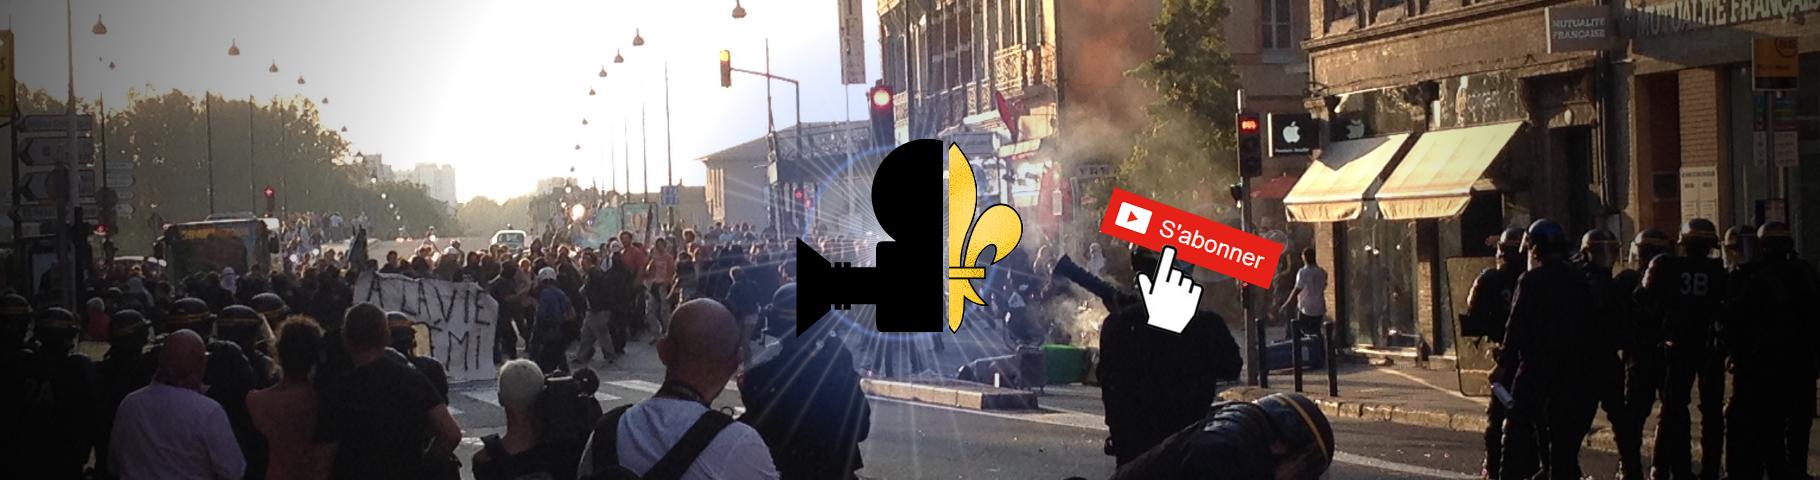 bannière lys ardent vidéo youtube